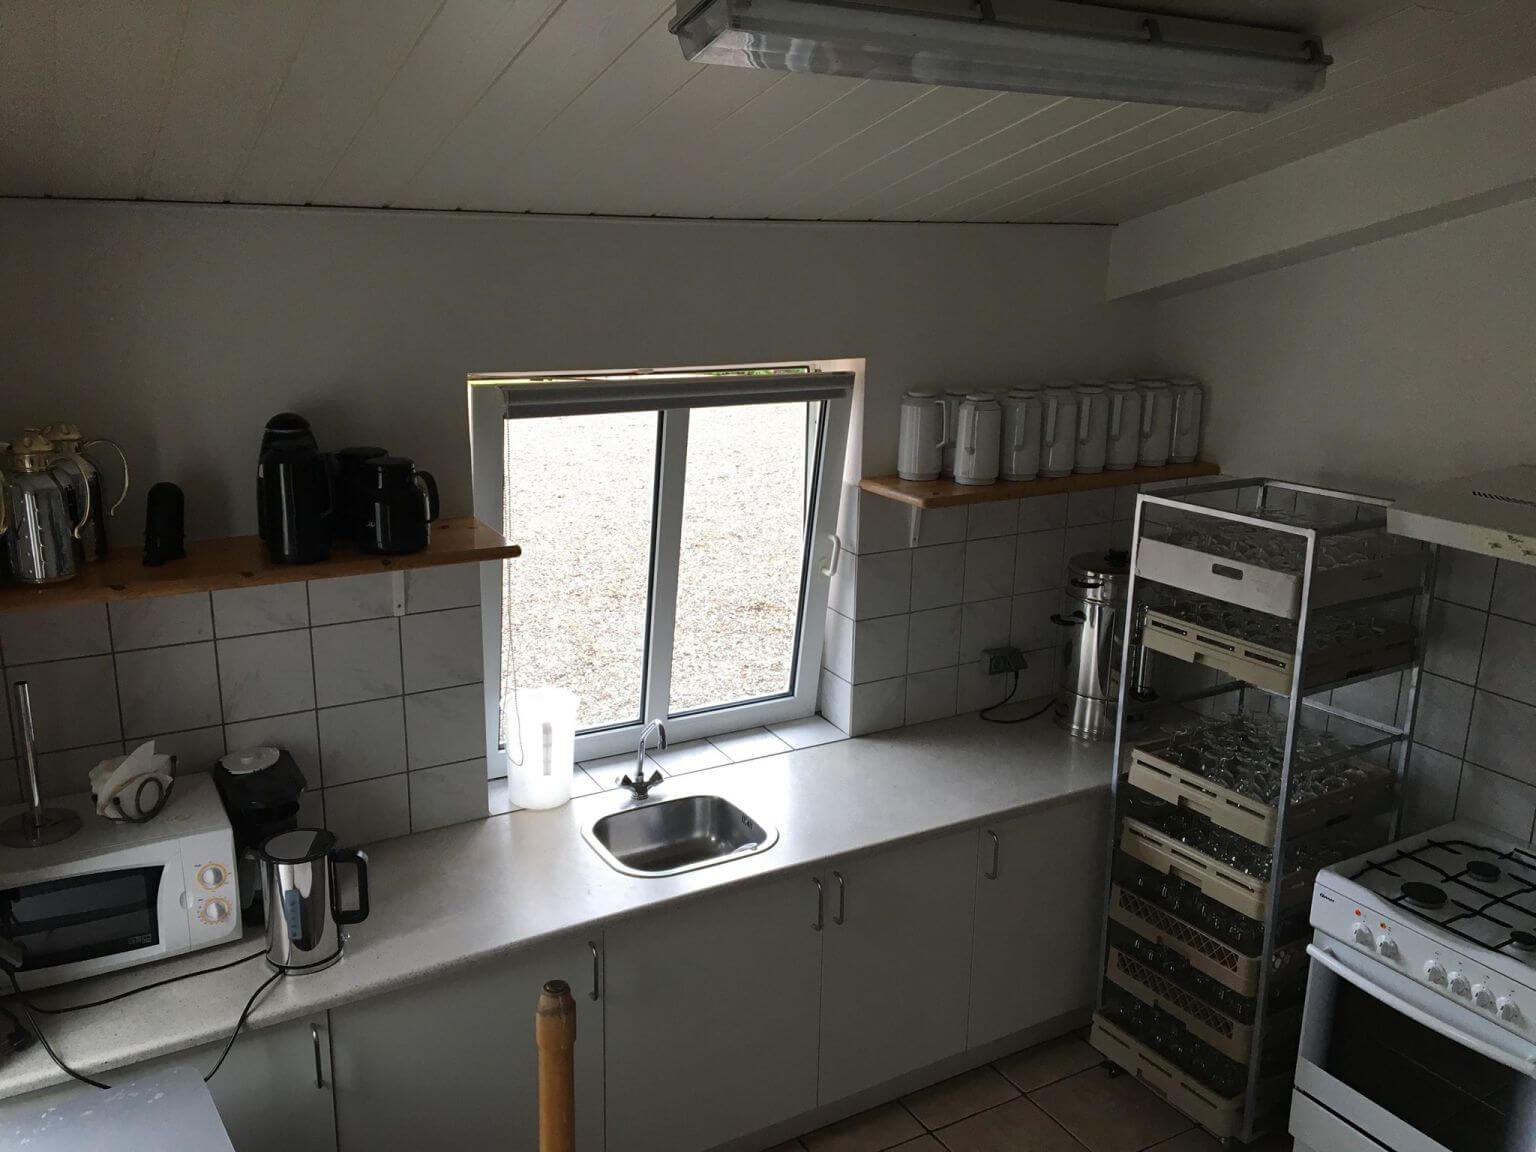 gildesal-haandvask-vindue